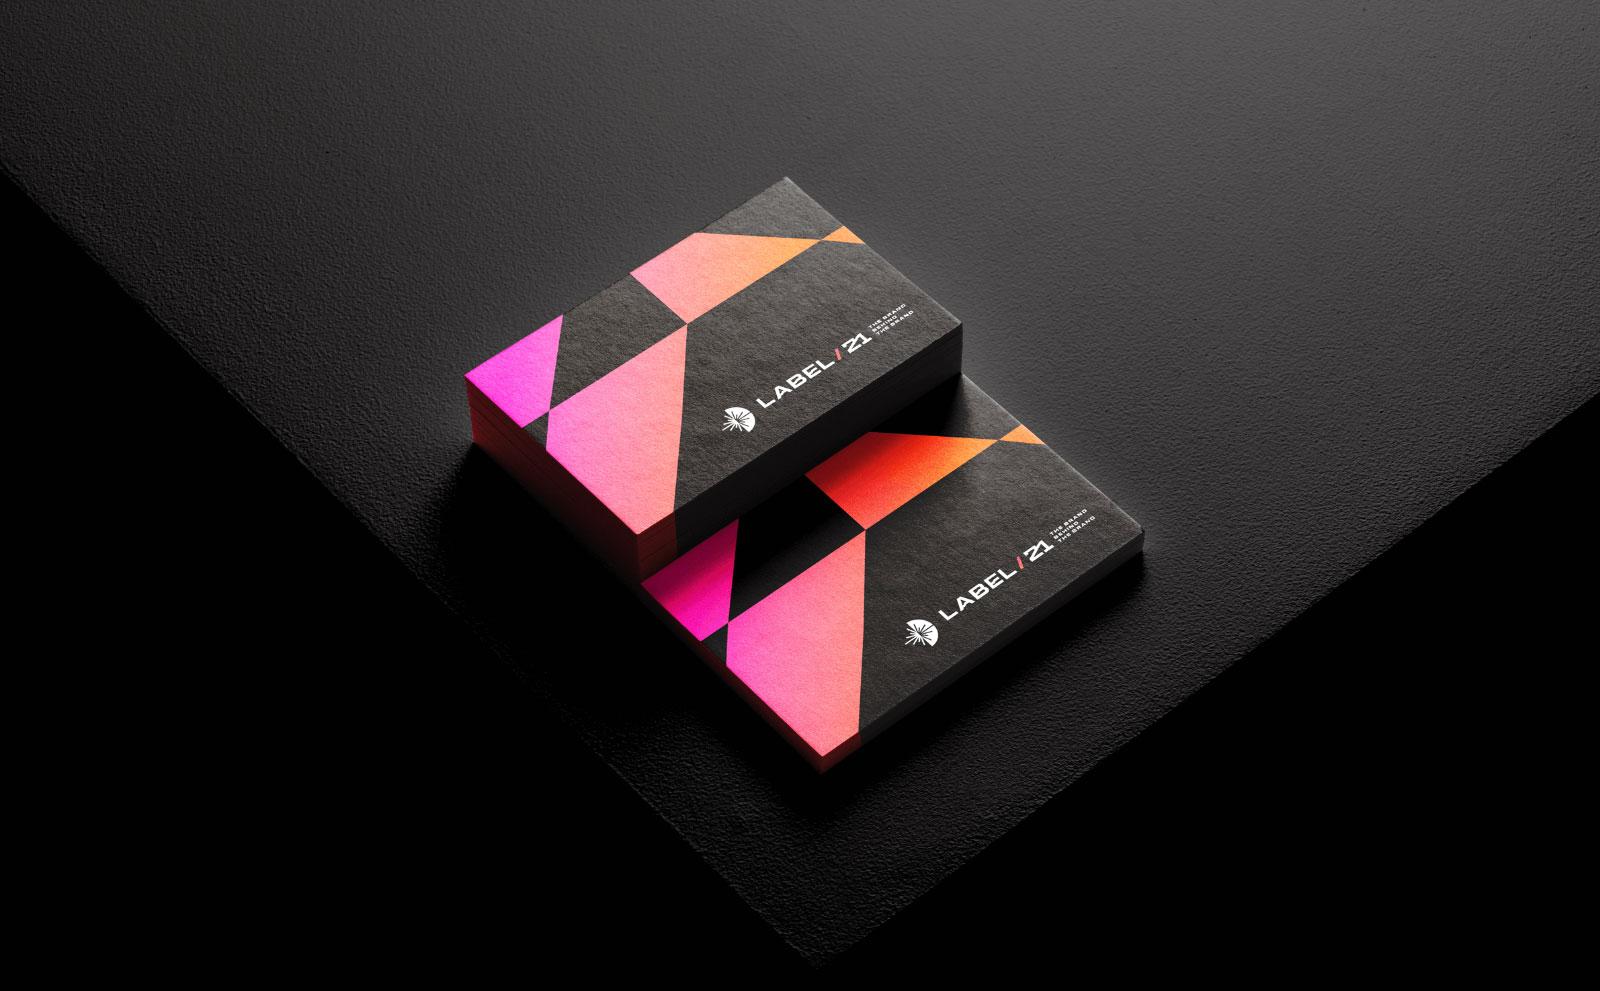 数字营销公司品牌视觉识别系统设计